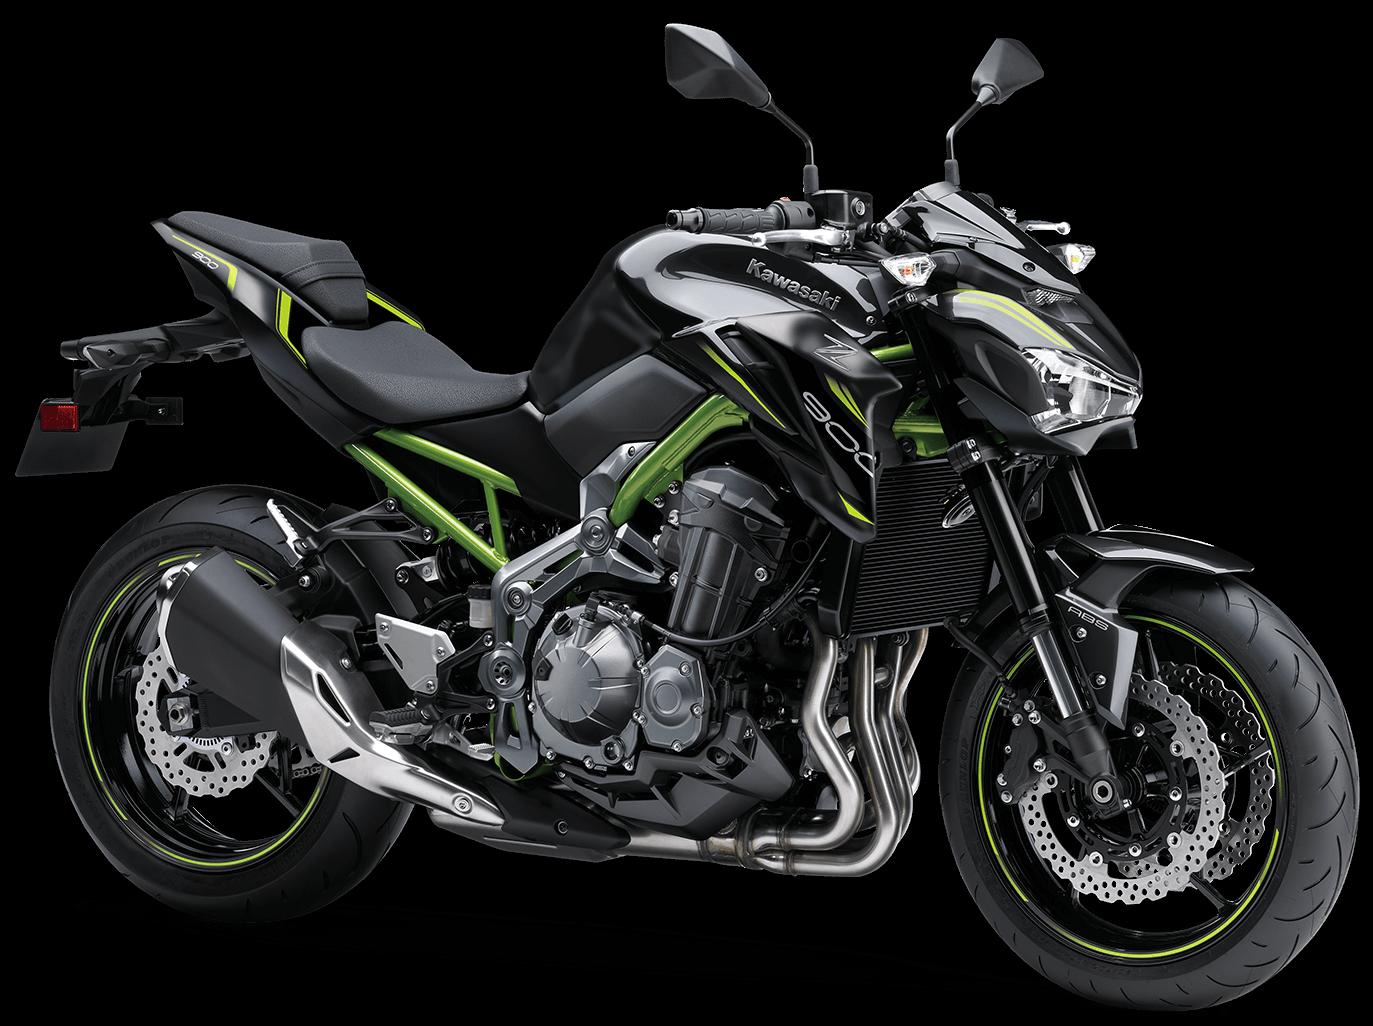 2020 Kawasaki Z900RS | American Motorcycle Trading Company - Used Harley Davidson Motorcycles